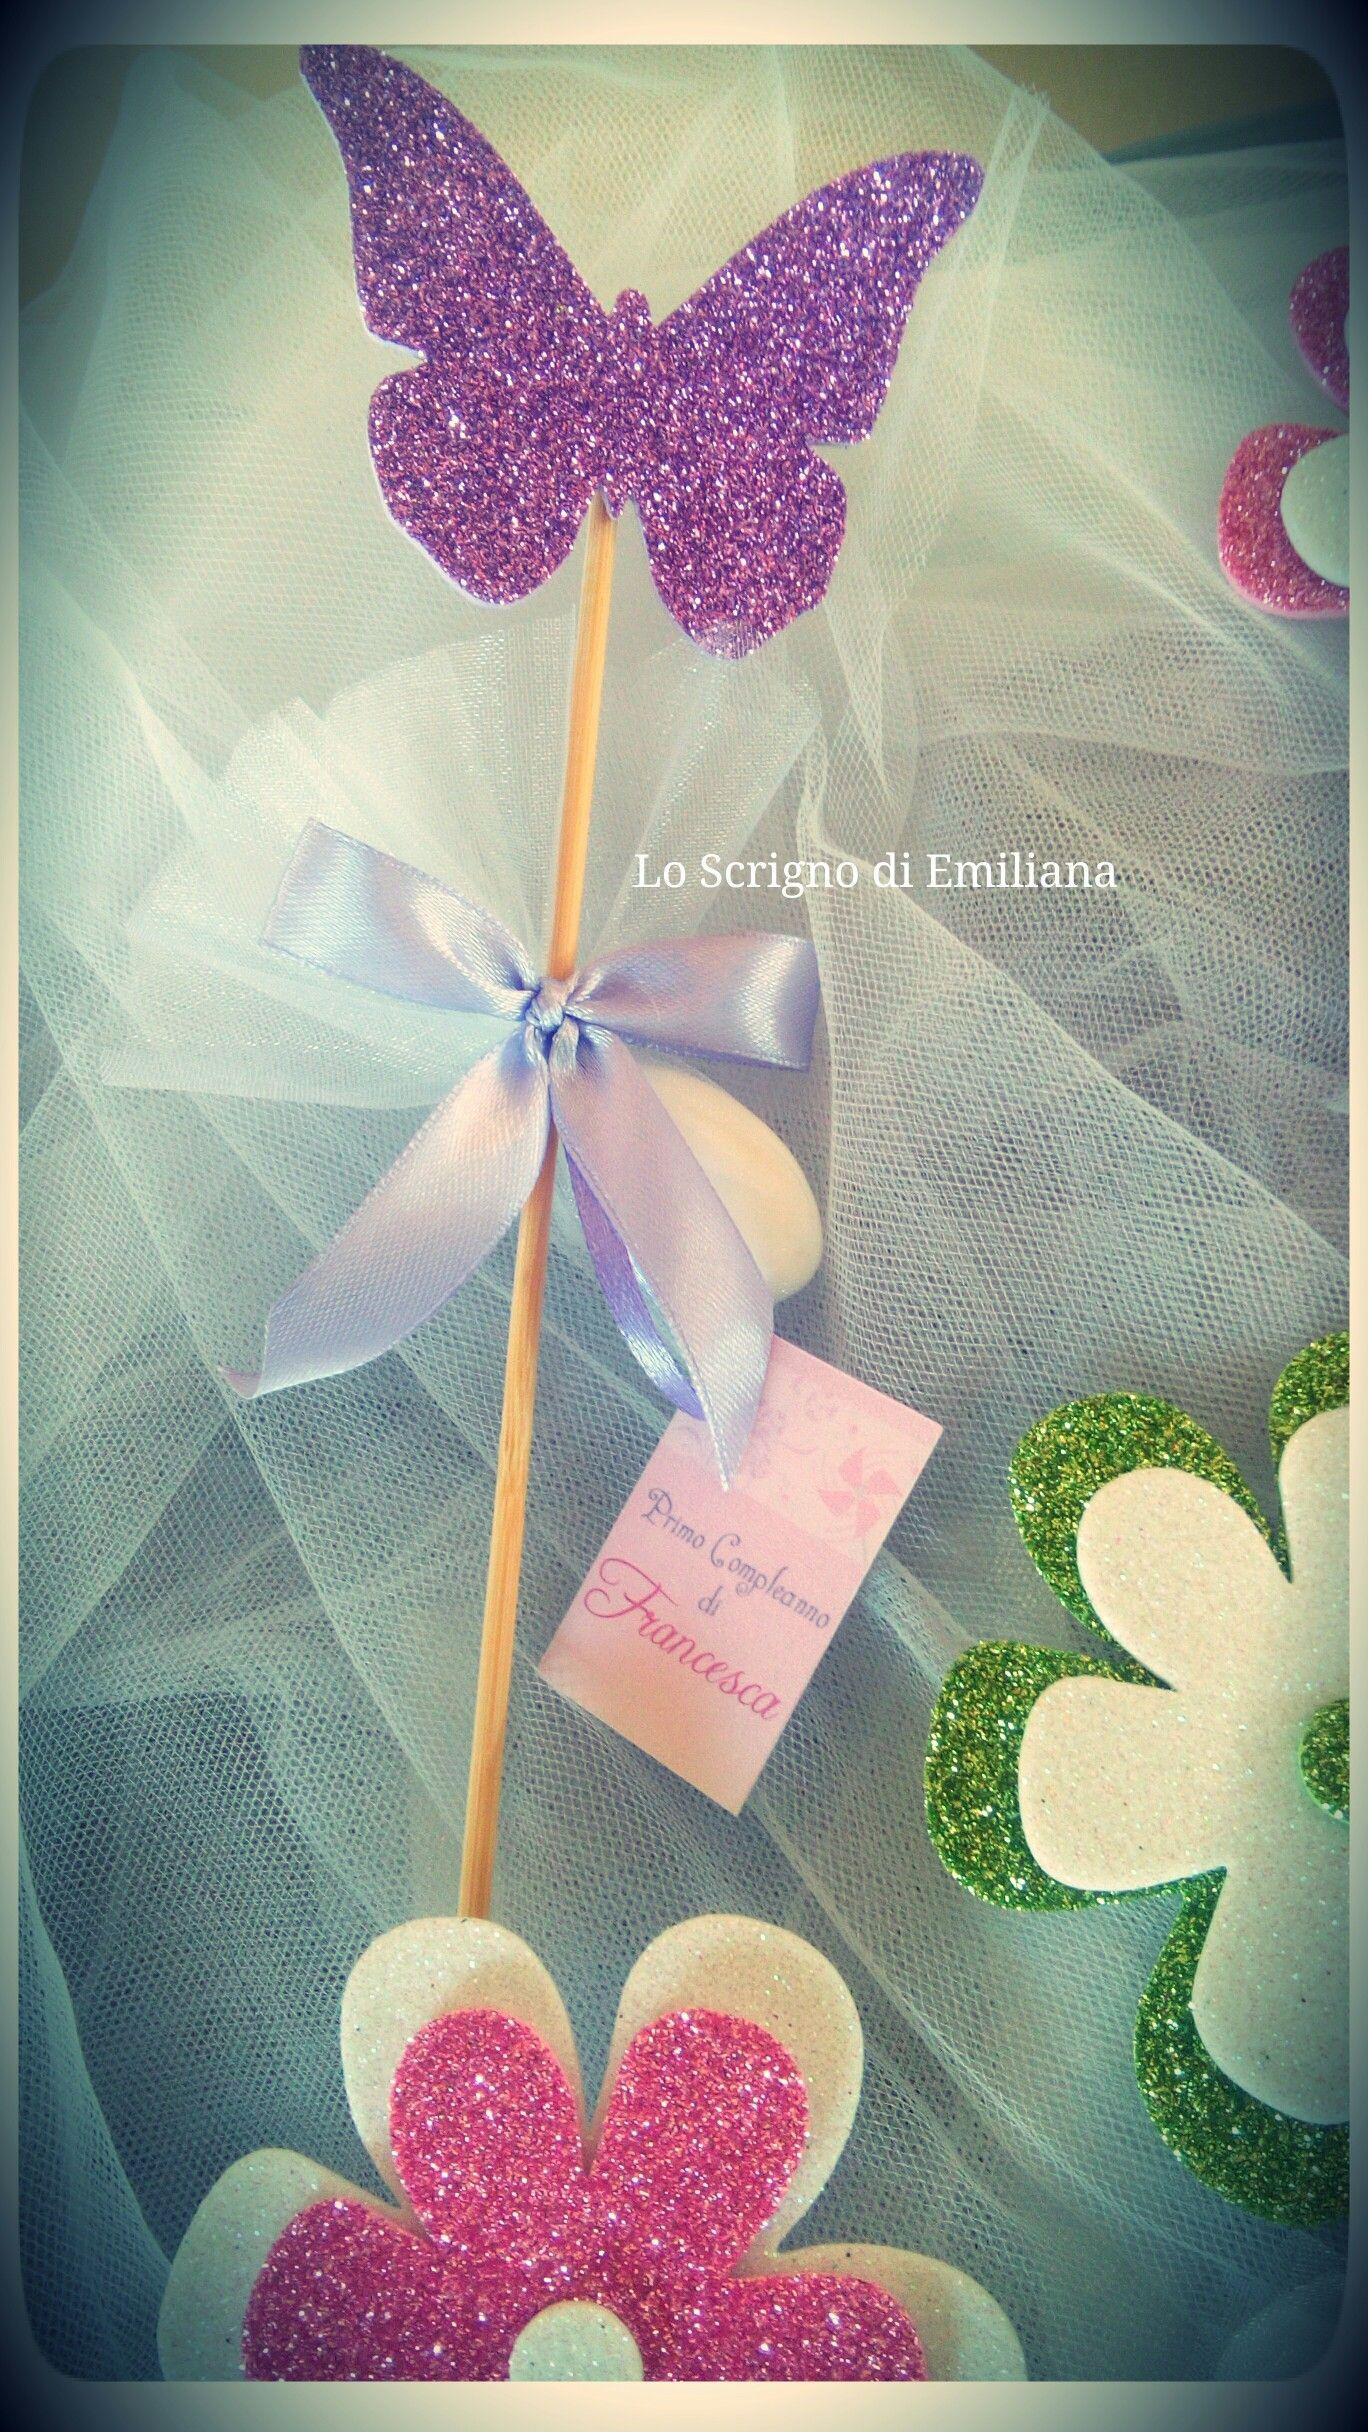 Segnaposto per ogni evento decorato con farfalla in gomma crepla e confetto